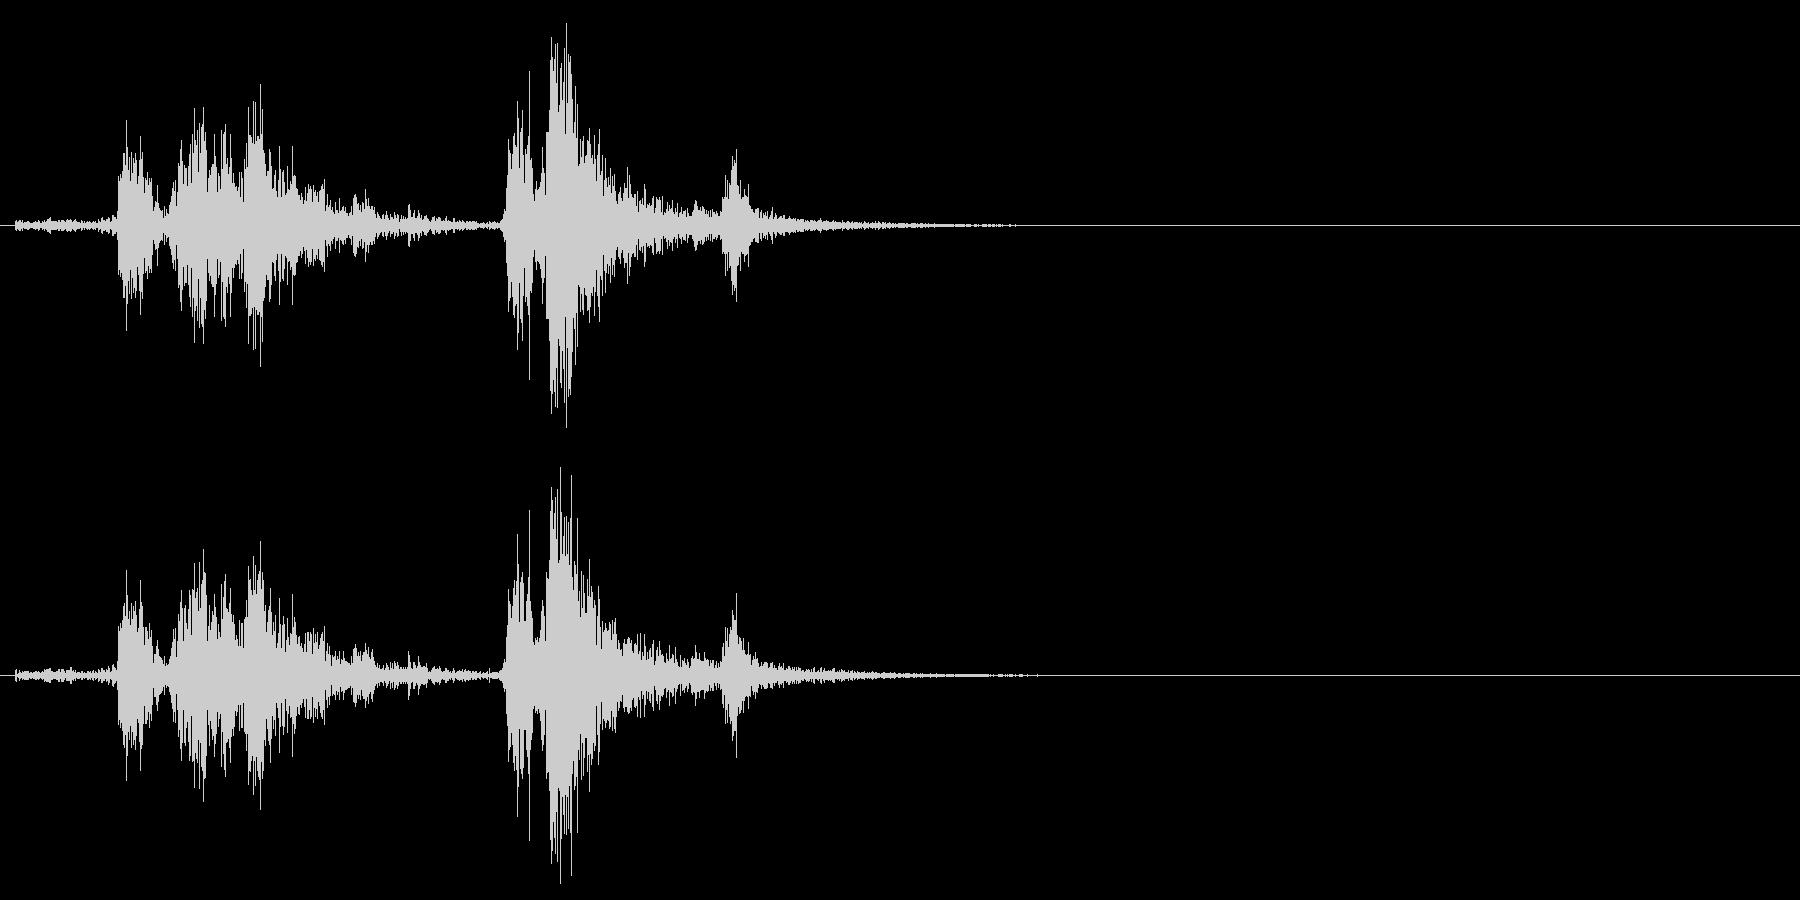 [生音]カシャッ、銃弾を装填する音03の未再生の波形